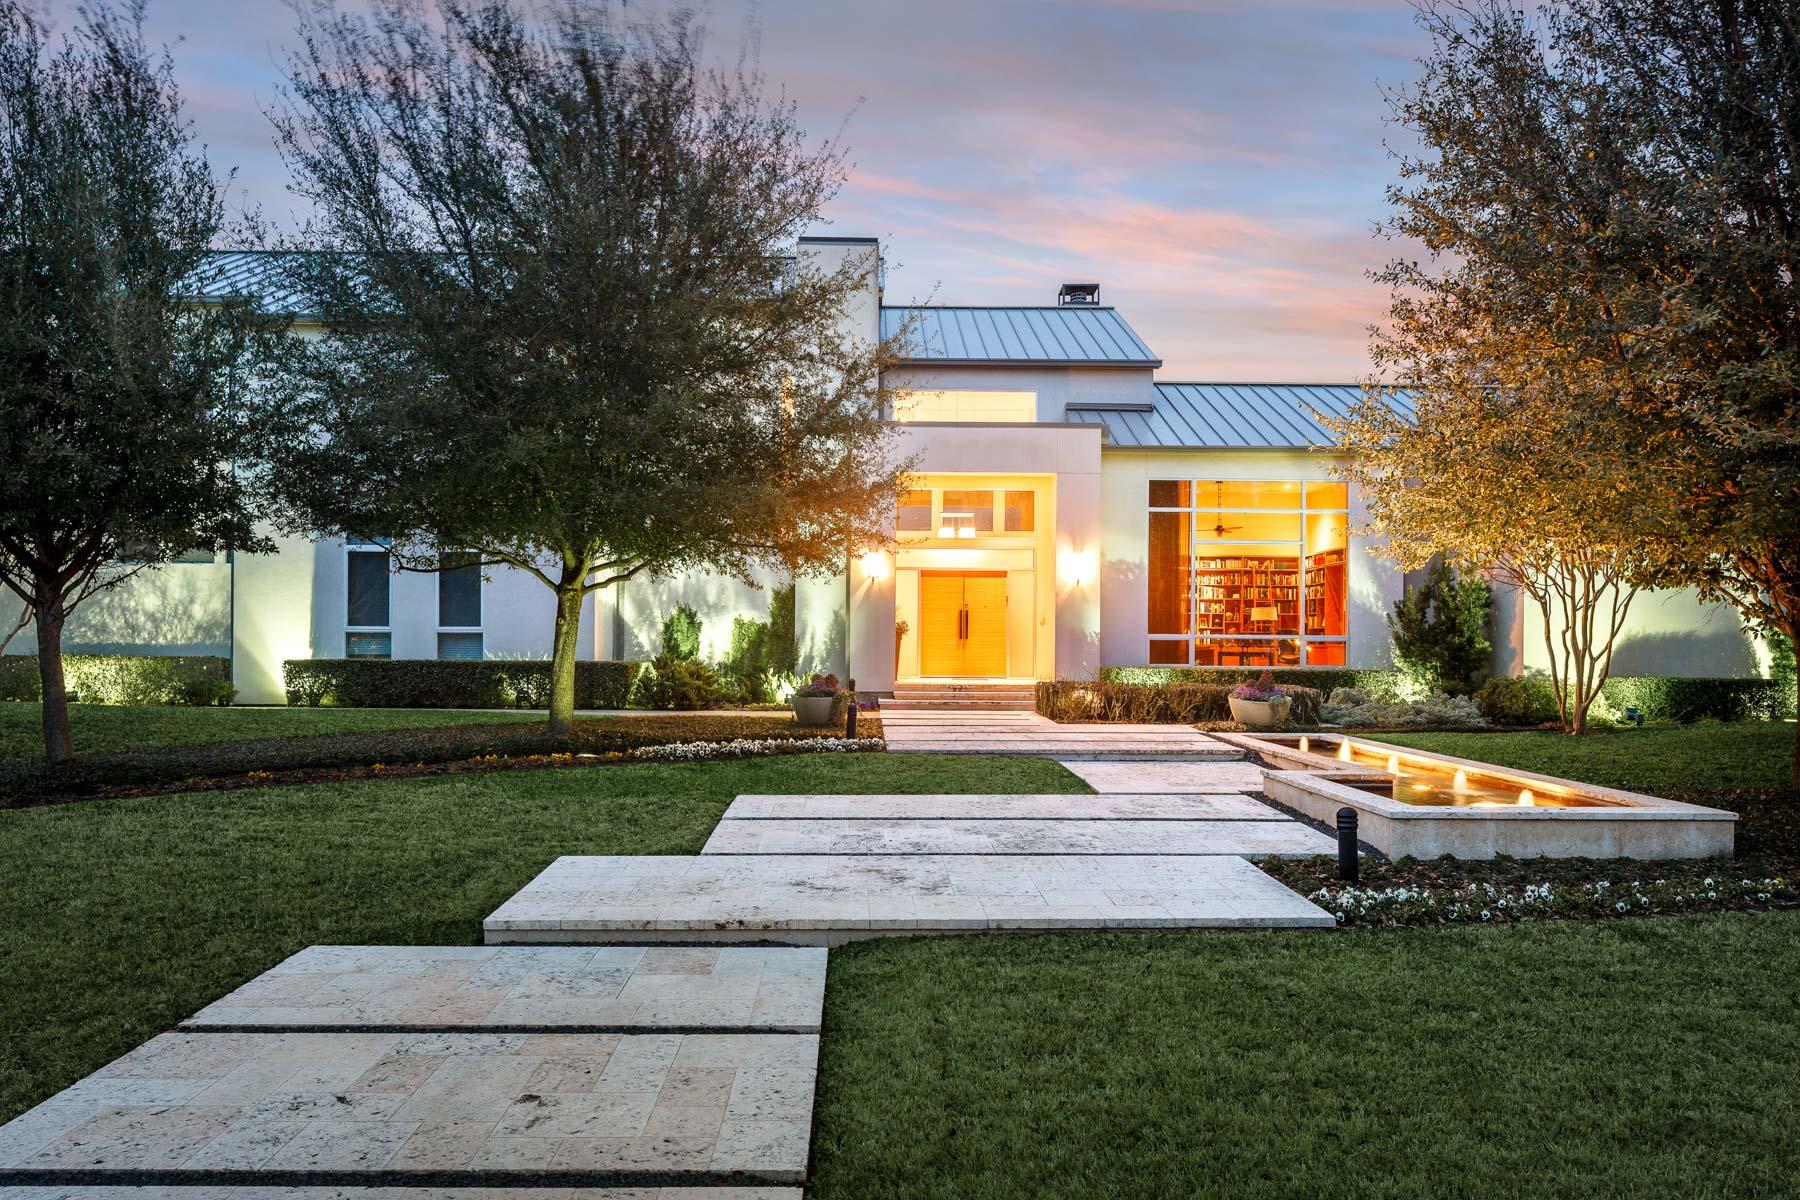 Maison unifamiliale pour l Vente à 4851 Harrys Lane, Dallas 4851 Harrys Ln Dallas, Texas, 75229 États-Unis